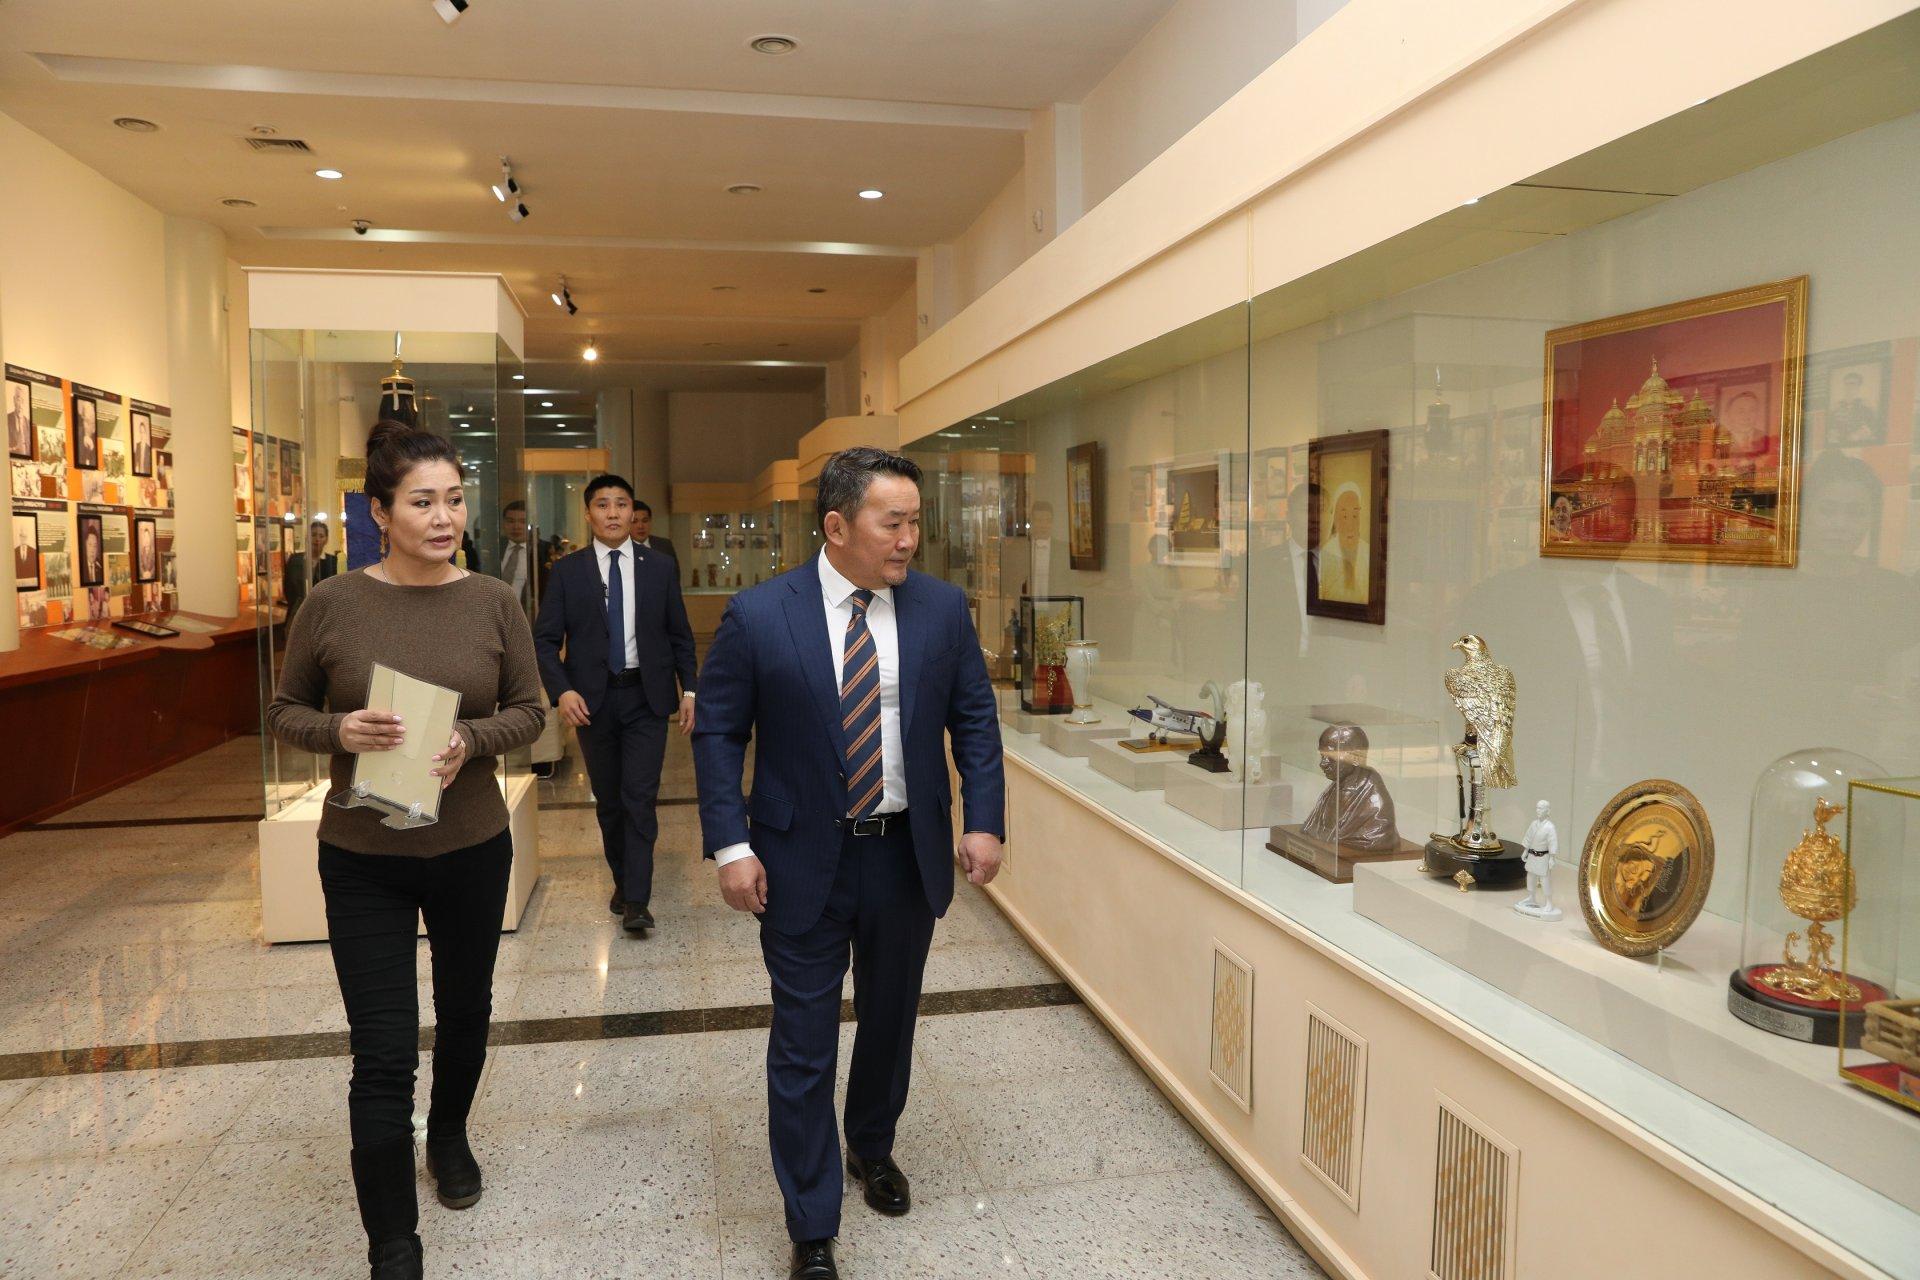 Монгол Улсын Ерөнхийлөгчид ирсэн үнэт, ховор нандин зүйлсийг  Төрийн түүхийн музейд шилжүүллээ